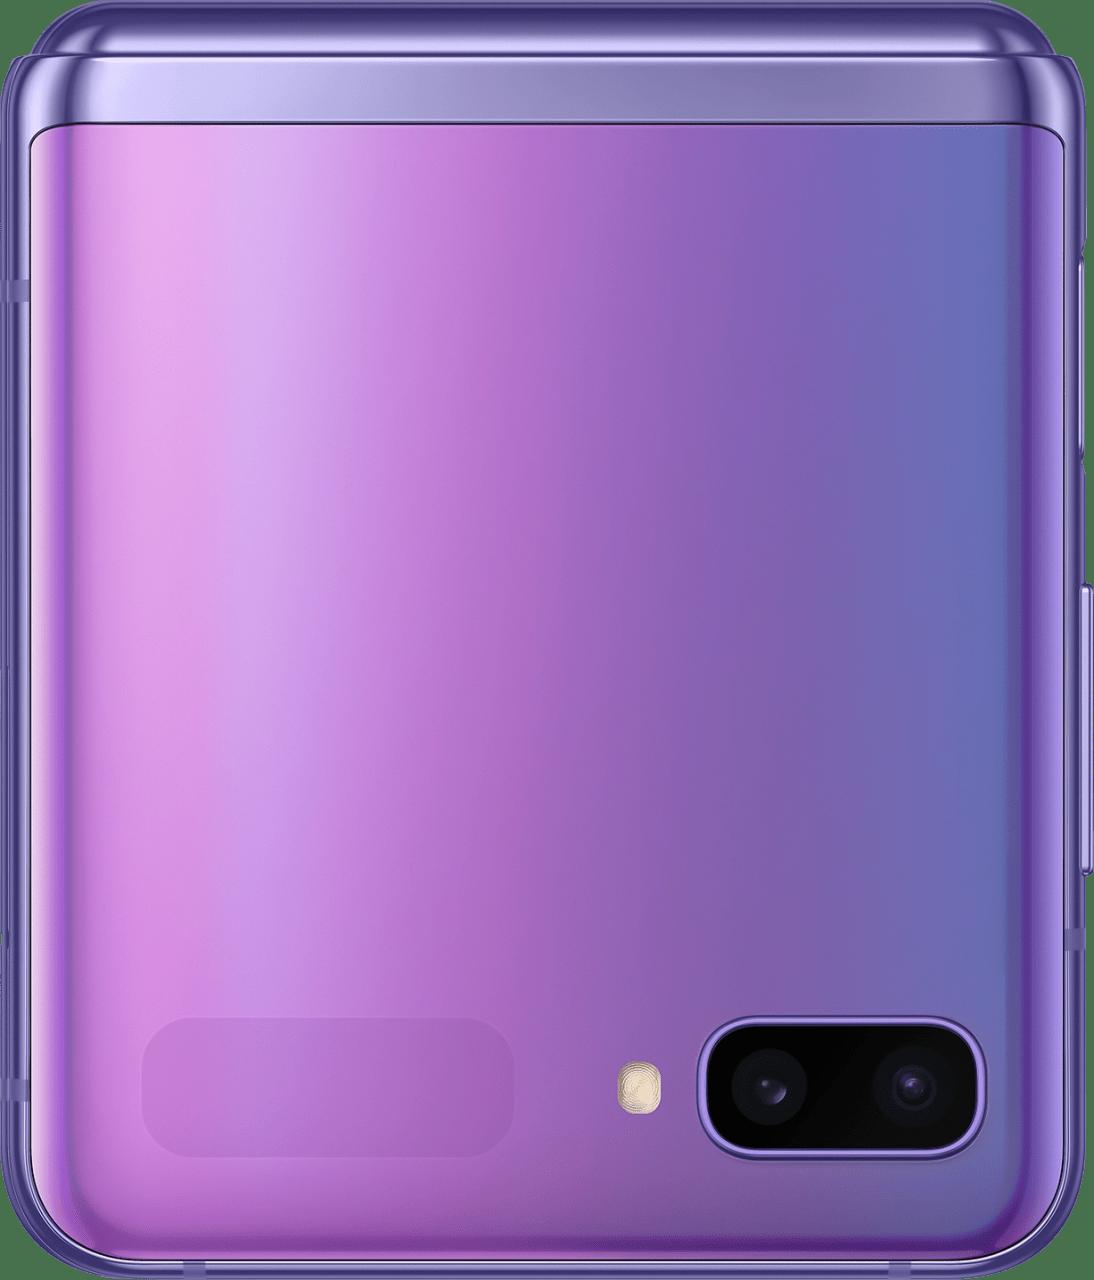 Mirror Purple Samsung Galaxy Z Flip 256GB.4